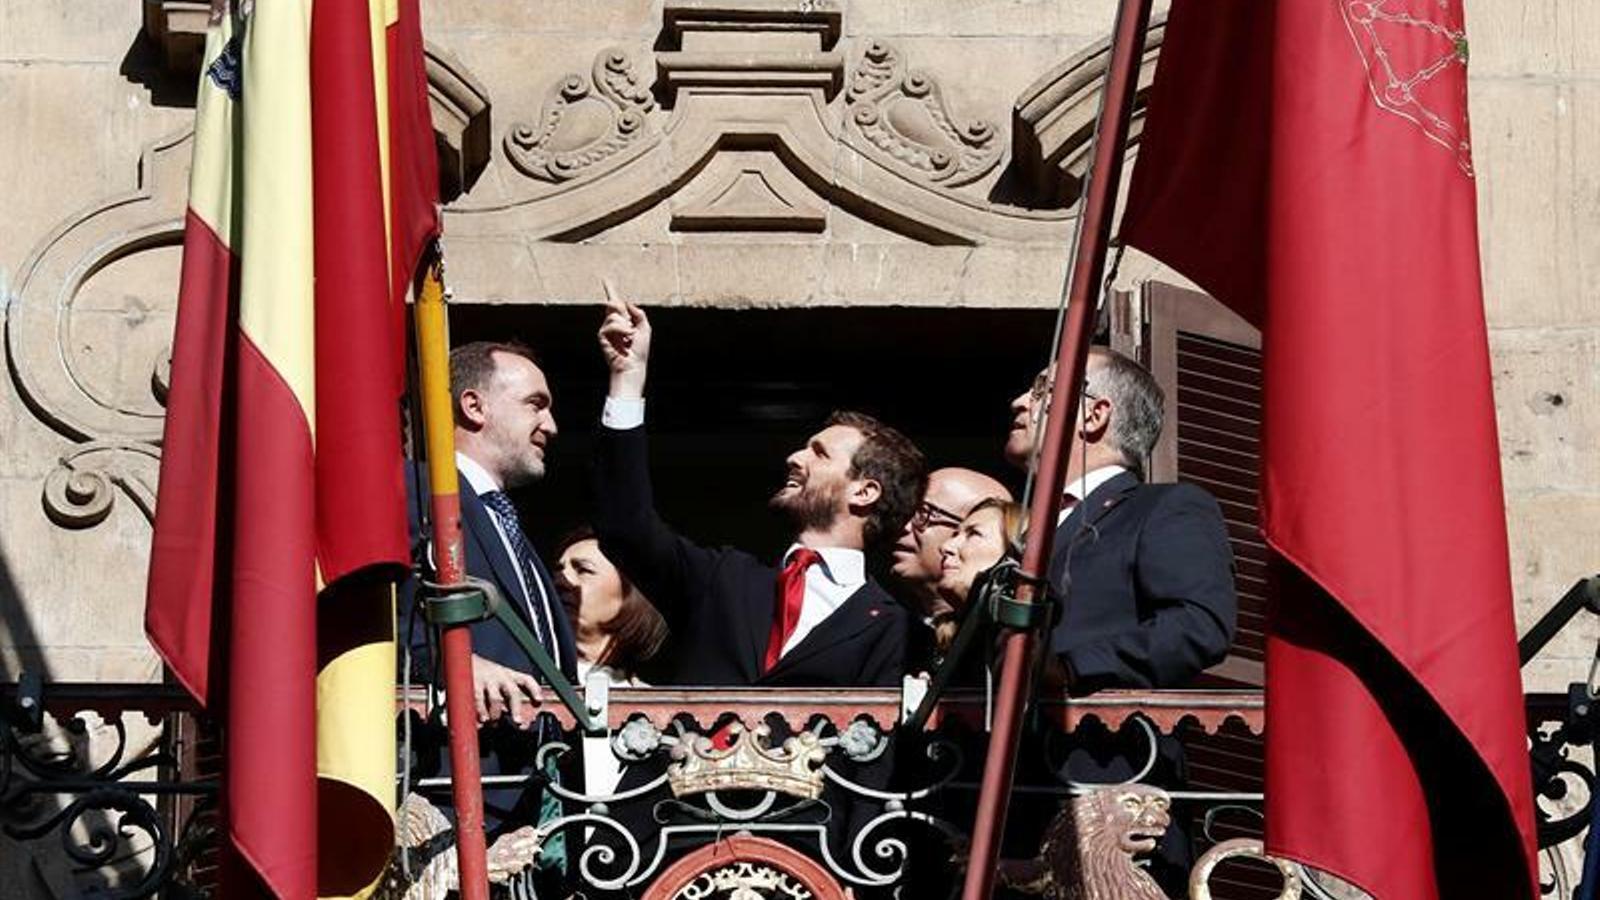 El PP i Cs situen Navarra com el principal obstacle per pactar amb el PSOE després del 10-N